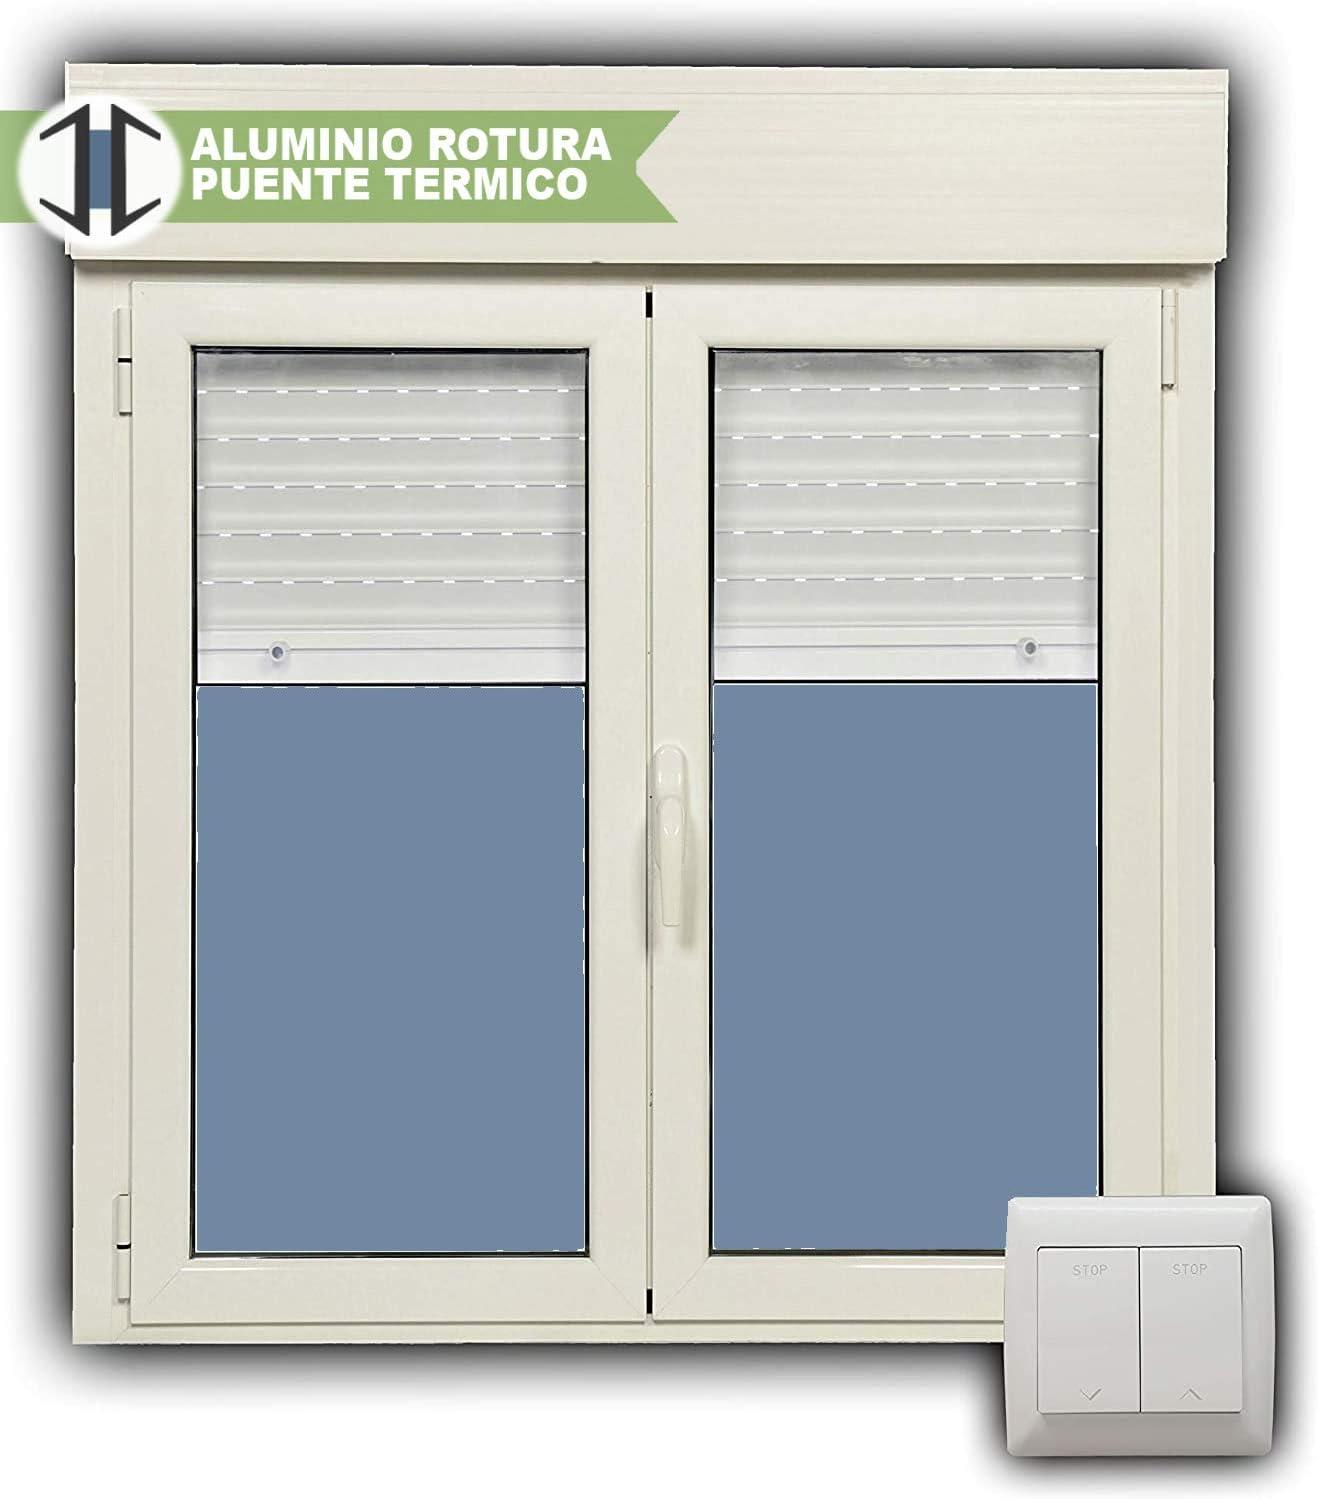 Ventana Aluminio RPT 45 Practicable Oscilobatiente 1000X1155 2 hojas con persiana motorizada, lamas de aluminio y cristal climalit: Amazon.es: Bricolaje y herramientas